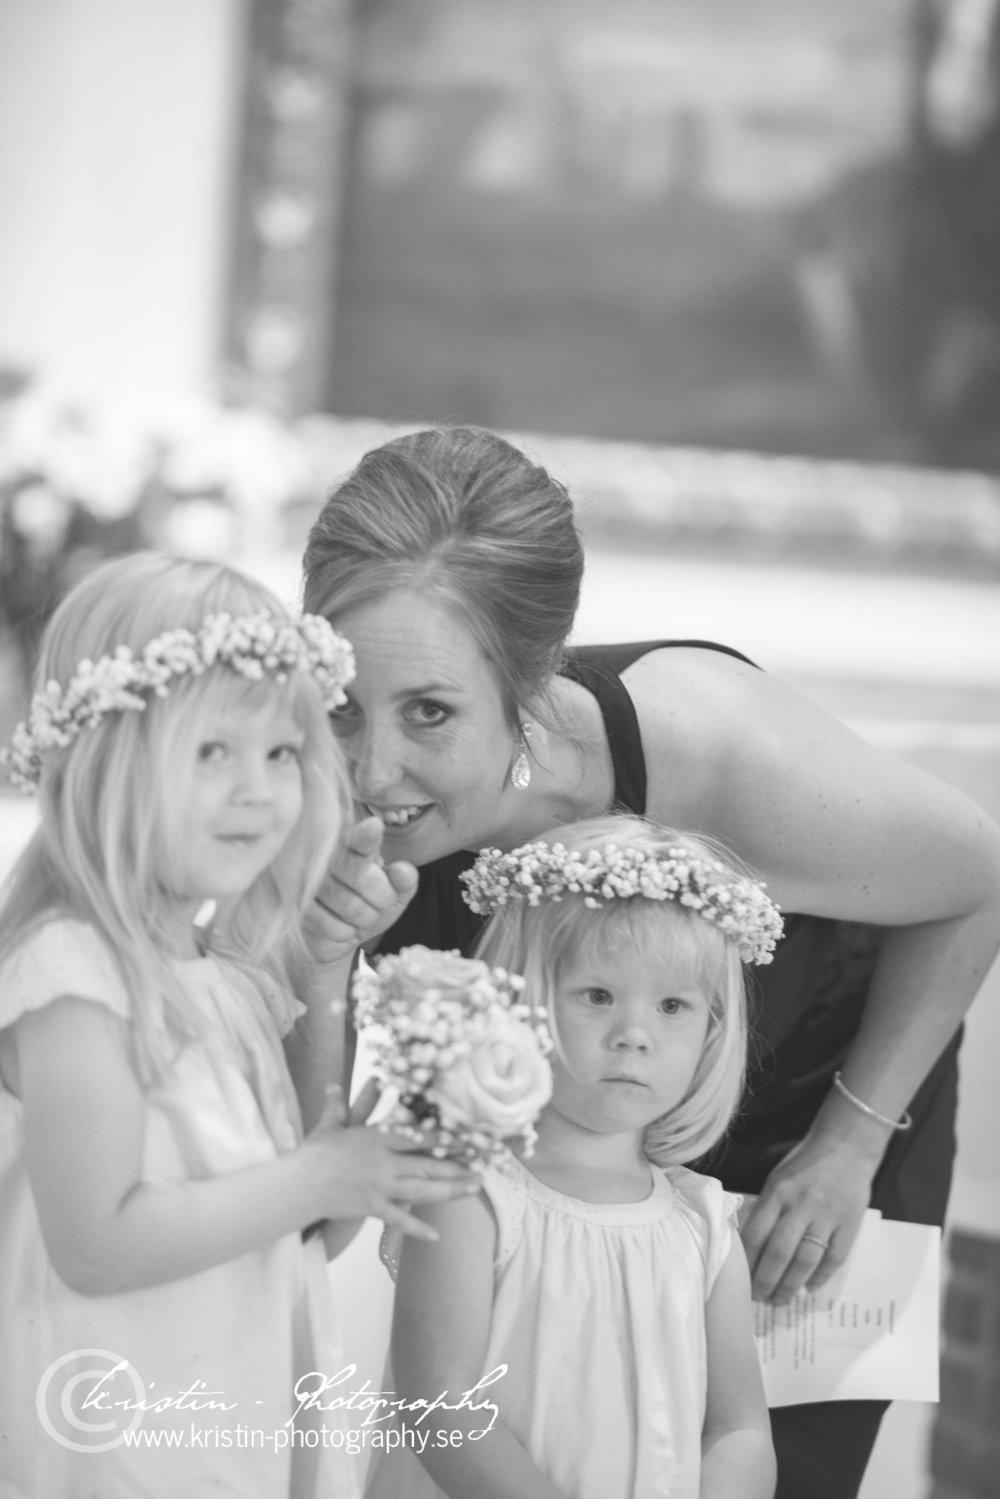 Bröllopsfotograf i Eskilstuna, Kristin - Photography, weddingphotographer -114A.jpg